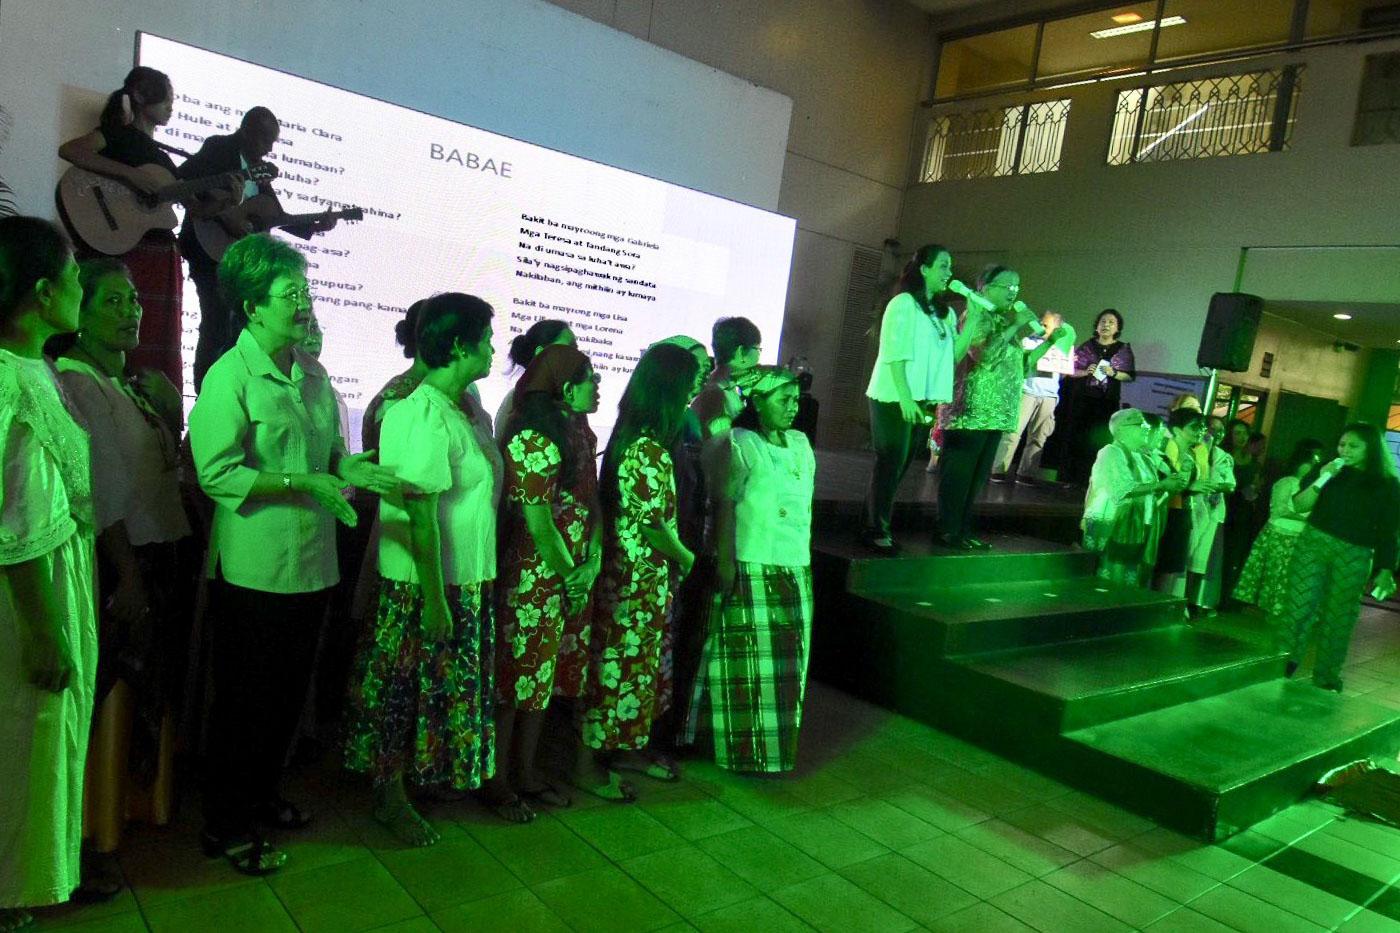 SONA. Participants sing Babae during a community singing at the #EveryWoman SONA ng Kababaihan event at the UP Bahay ng Alumni held on July 16, 2018. Photo by Angie de SIlva/Rappler